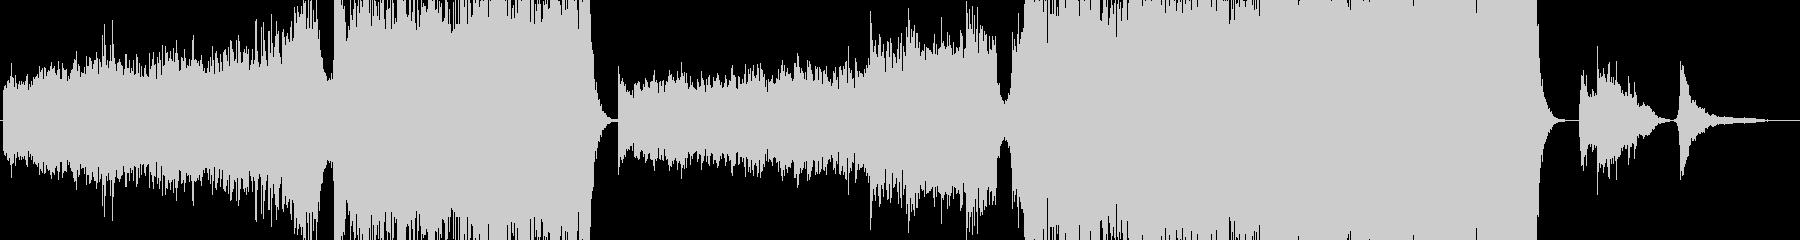 感動的・躍動的なシネマティックBGMの未再生の波形